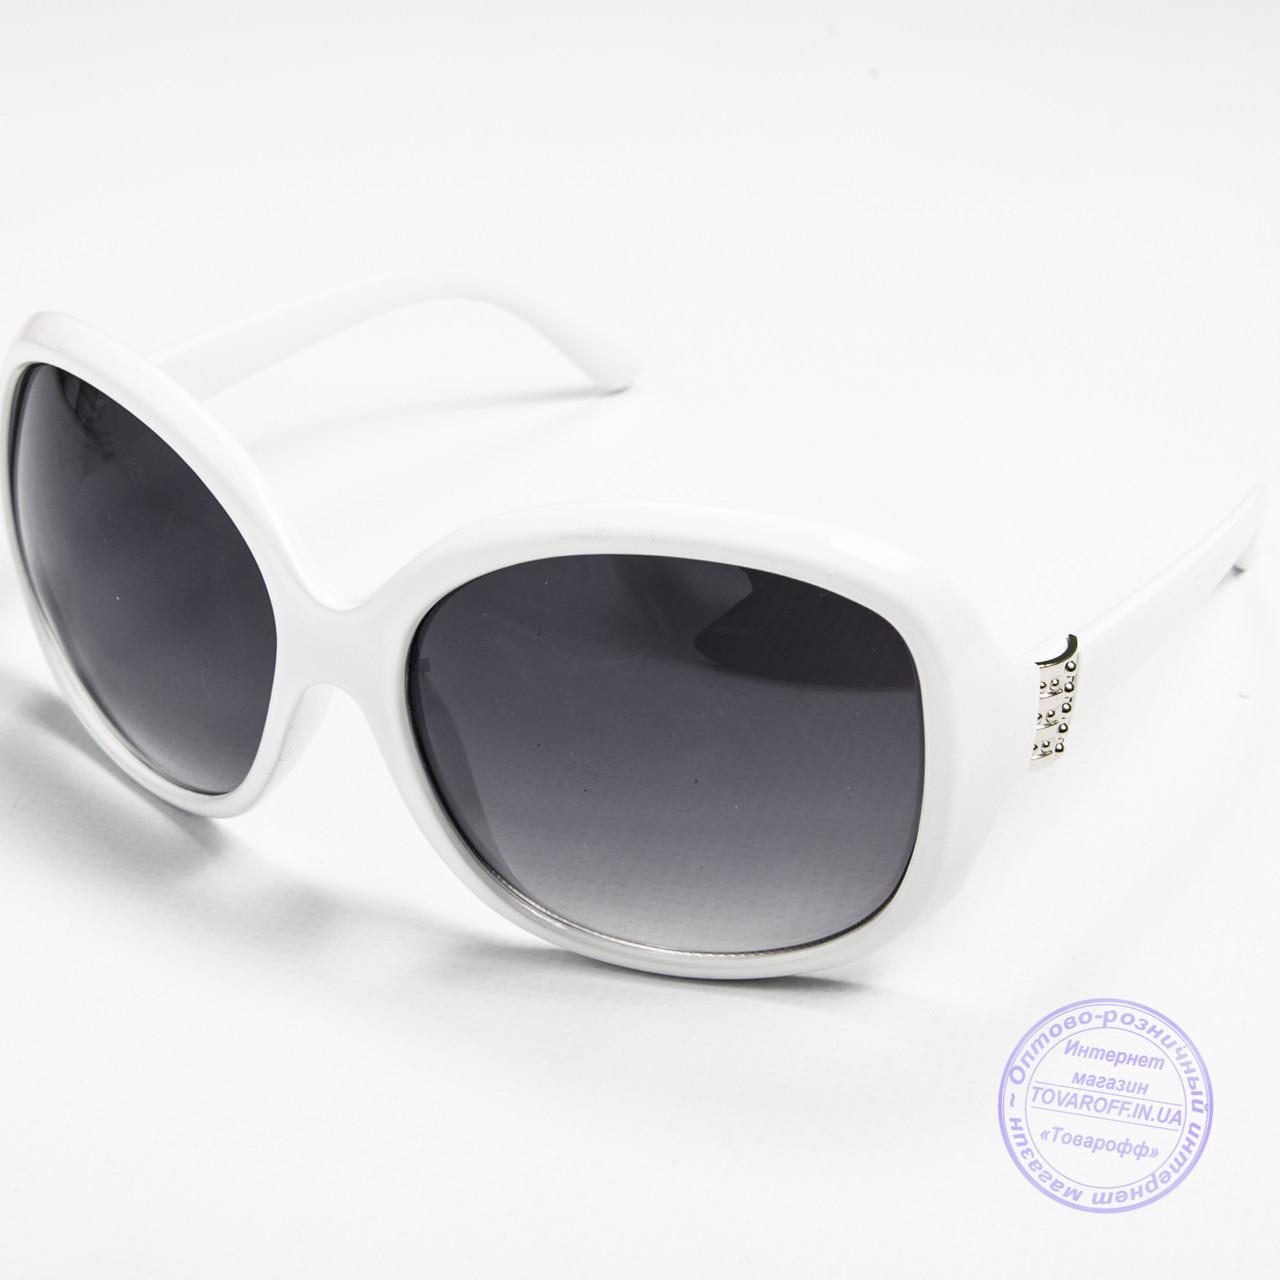 Женские очки распродажа оптом - Белые - D85